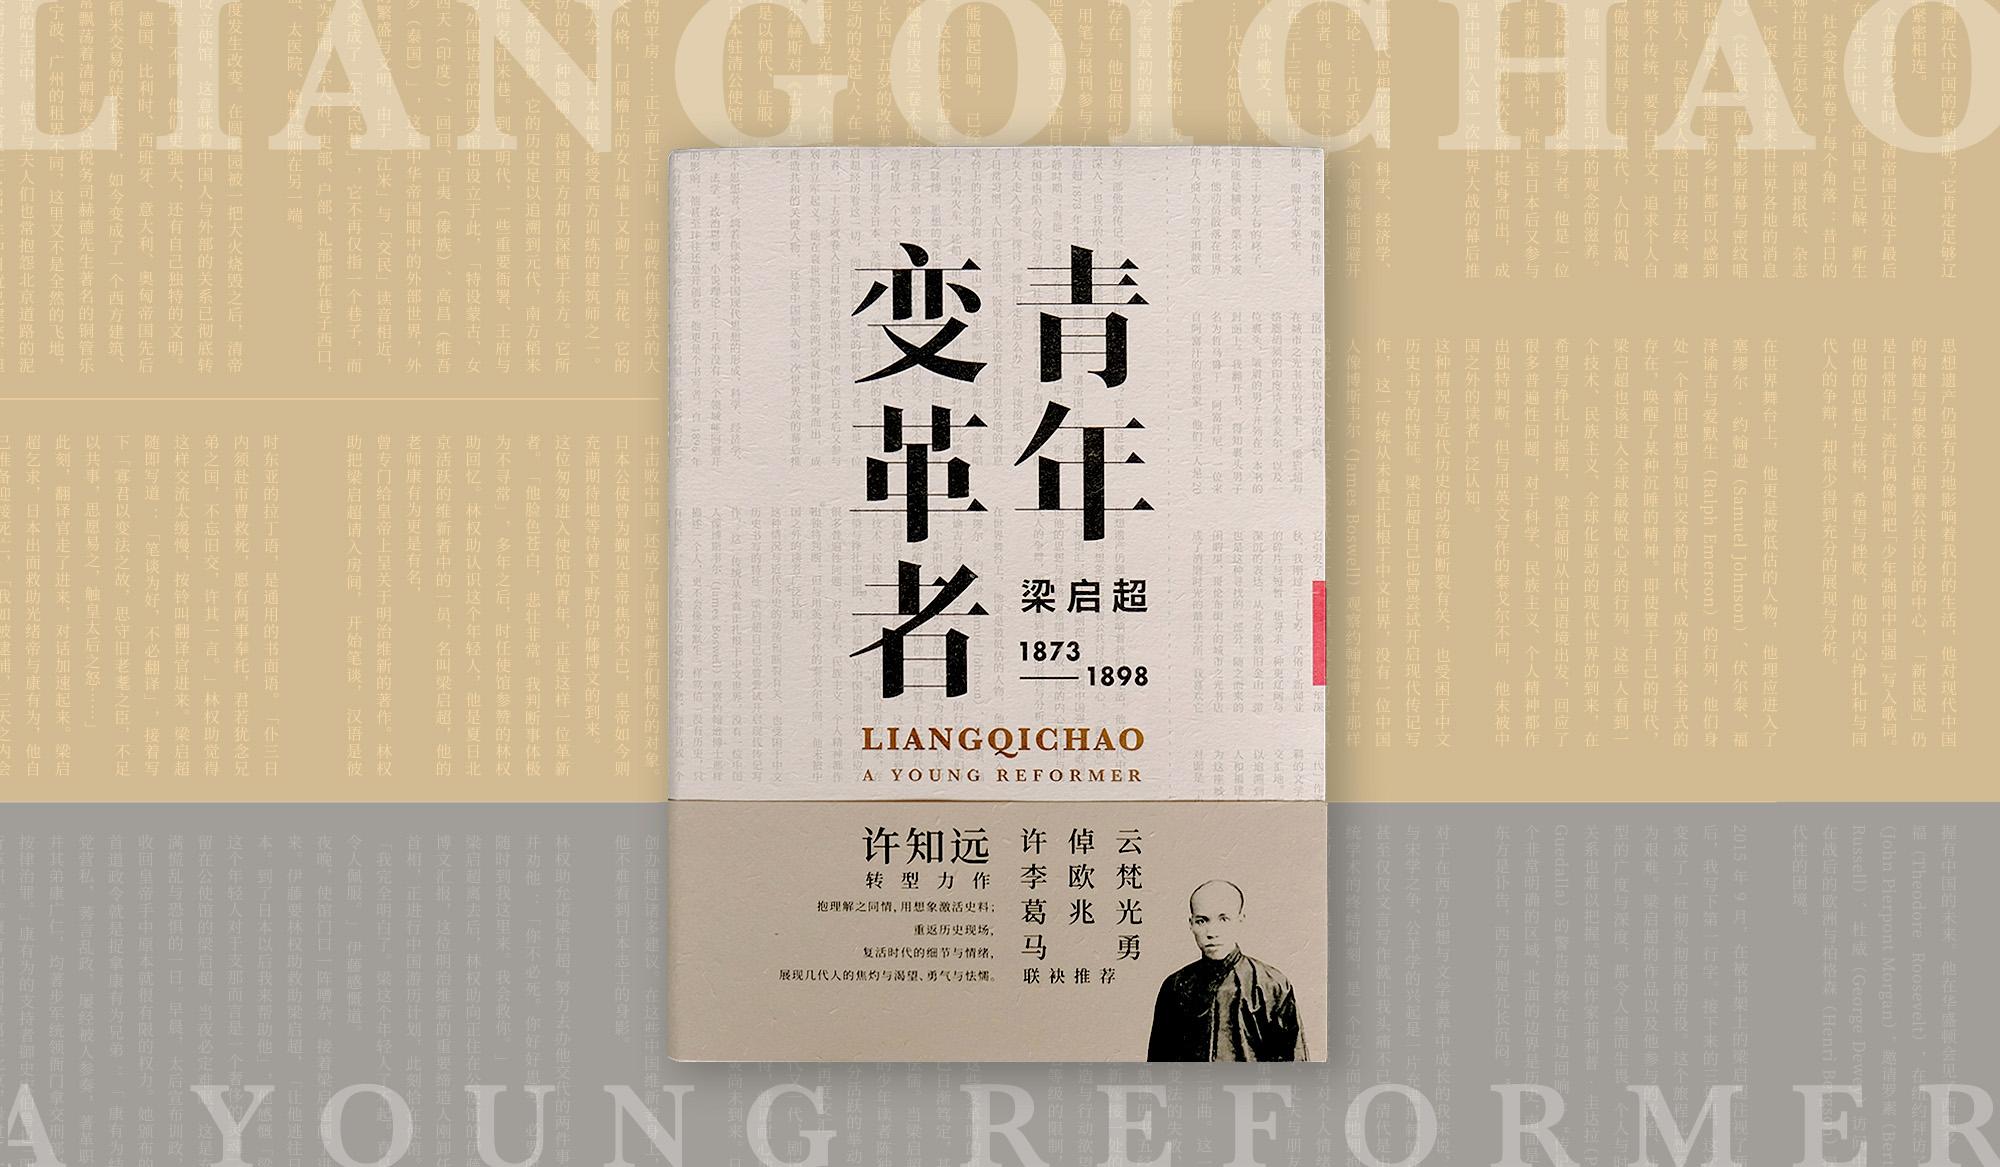 《青年变革者》/许知远著-出版社提供